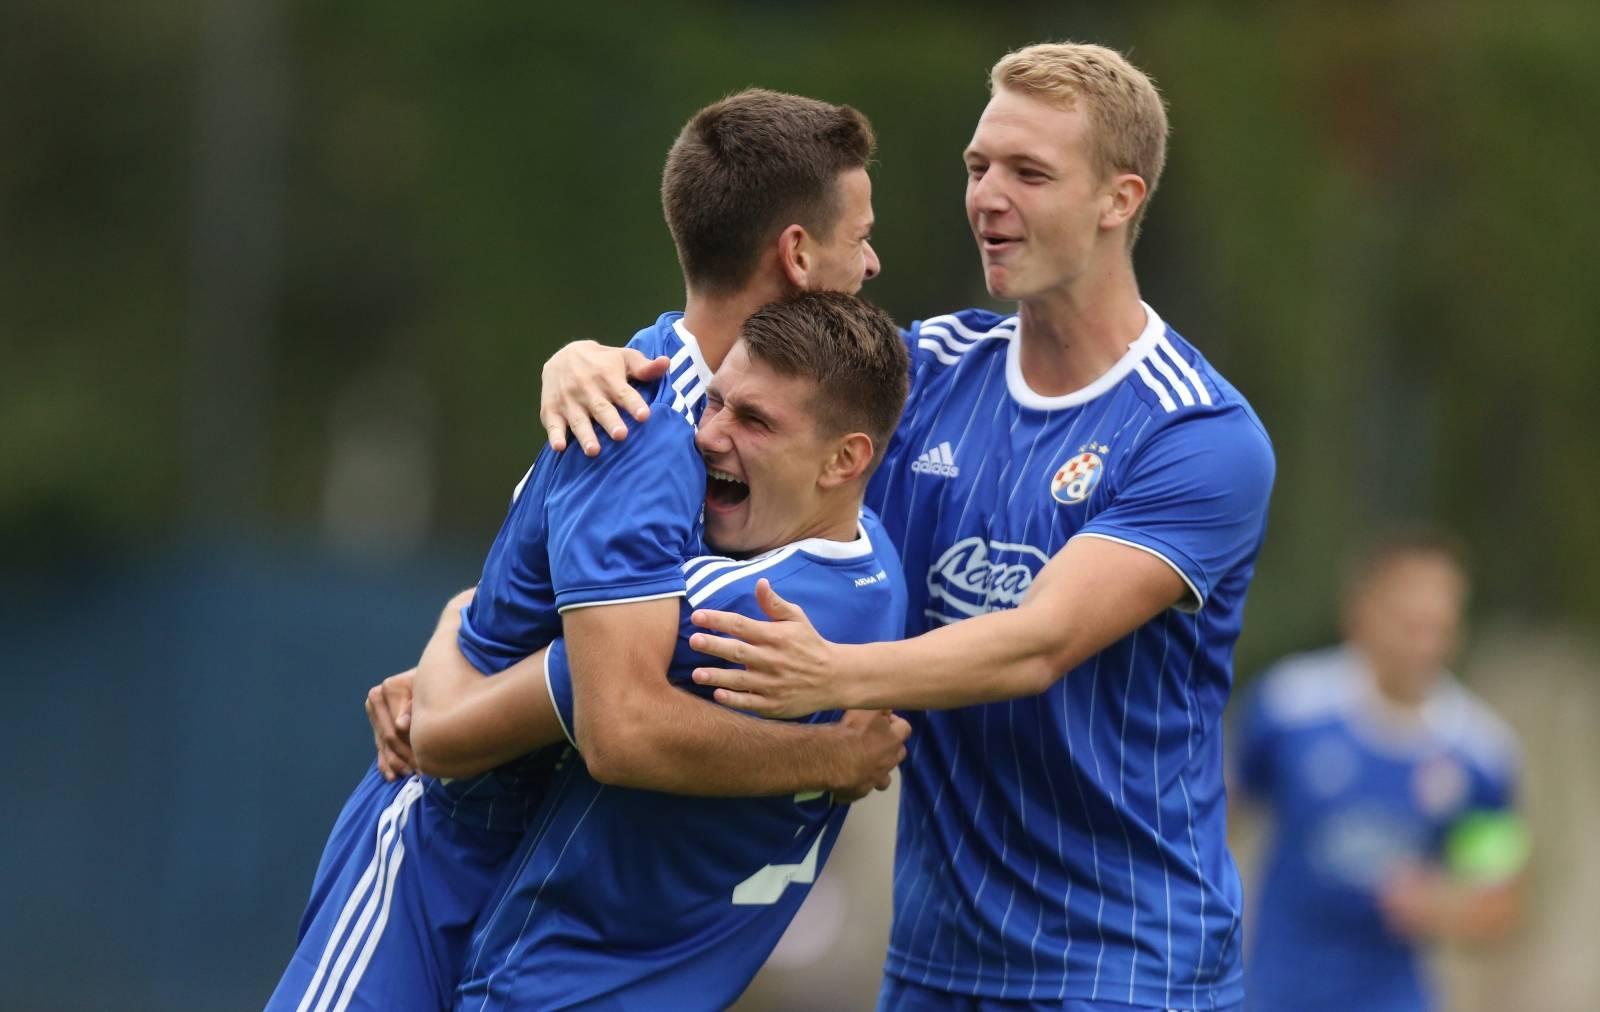 Mladi nogometaši Dinama pobijedili Atalantu s 1:0 u Ligi prvaka mladih